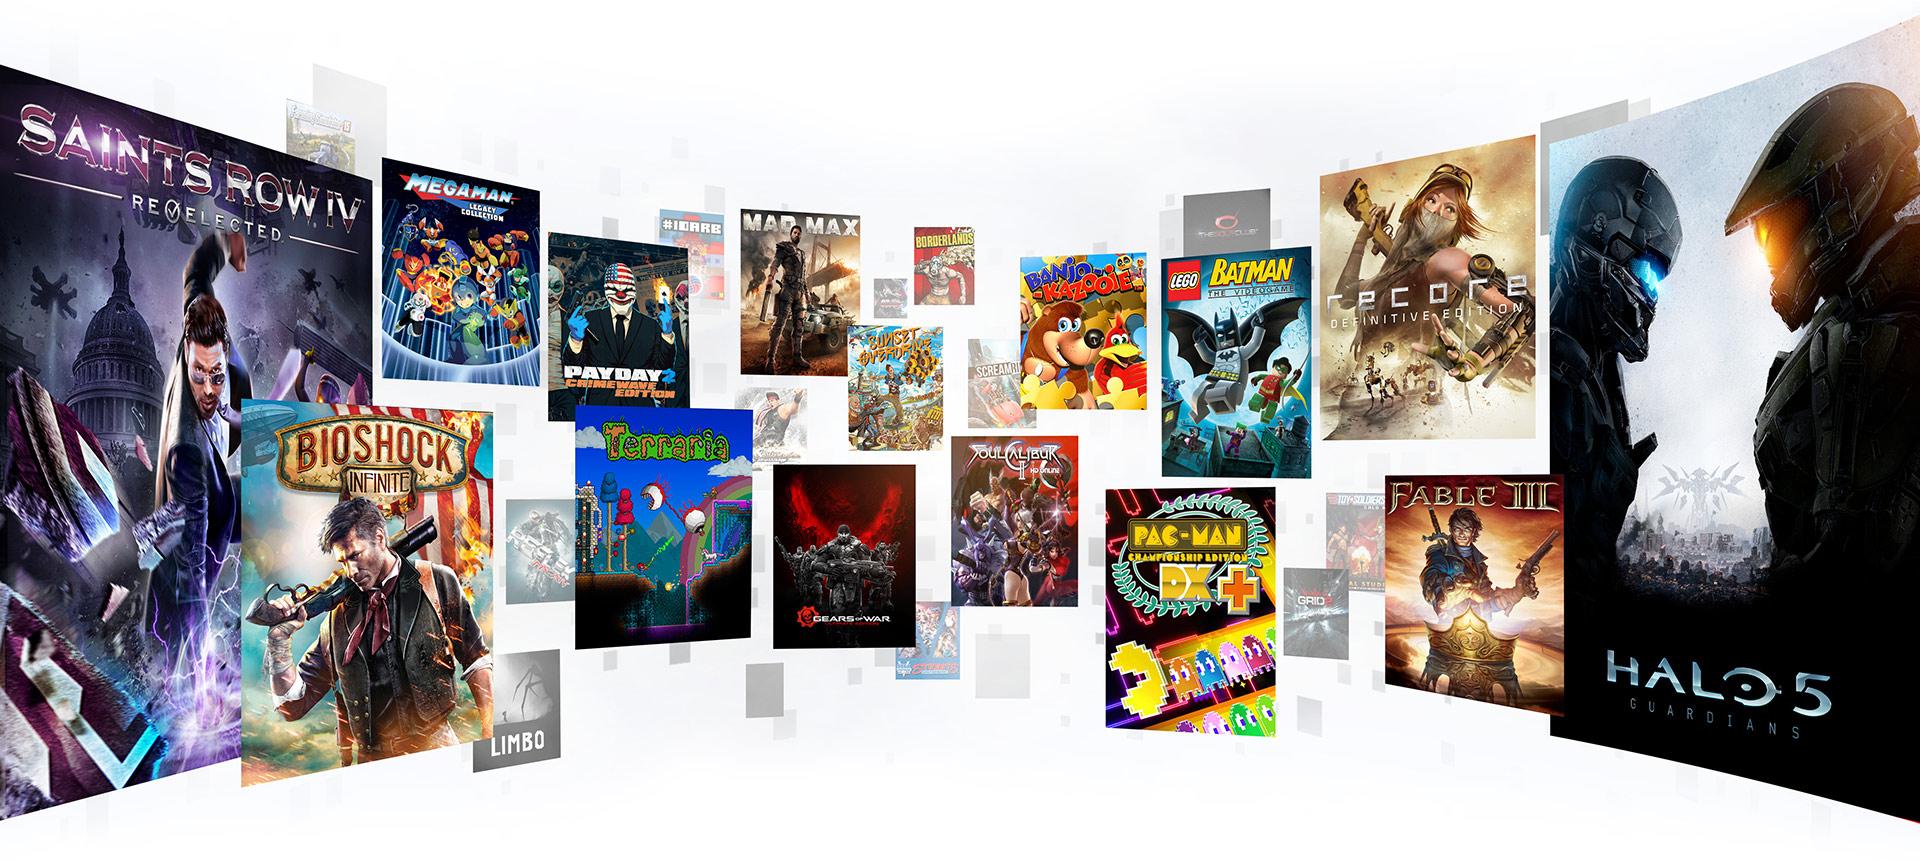 تصویر: https://gamefa.com/wp-content/uploads/2018/06/Xbox-Game-Pass-monthly-sub.jpg